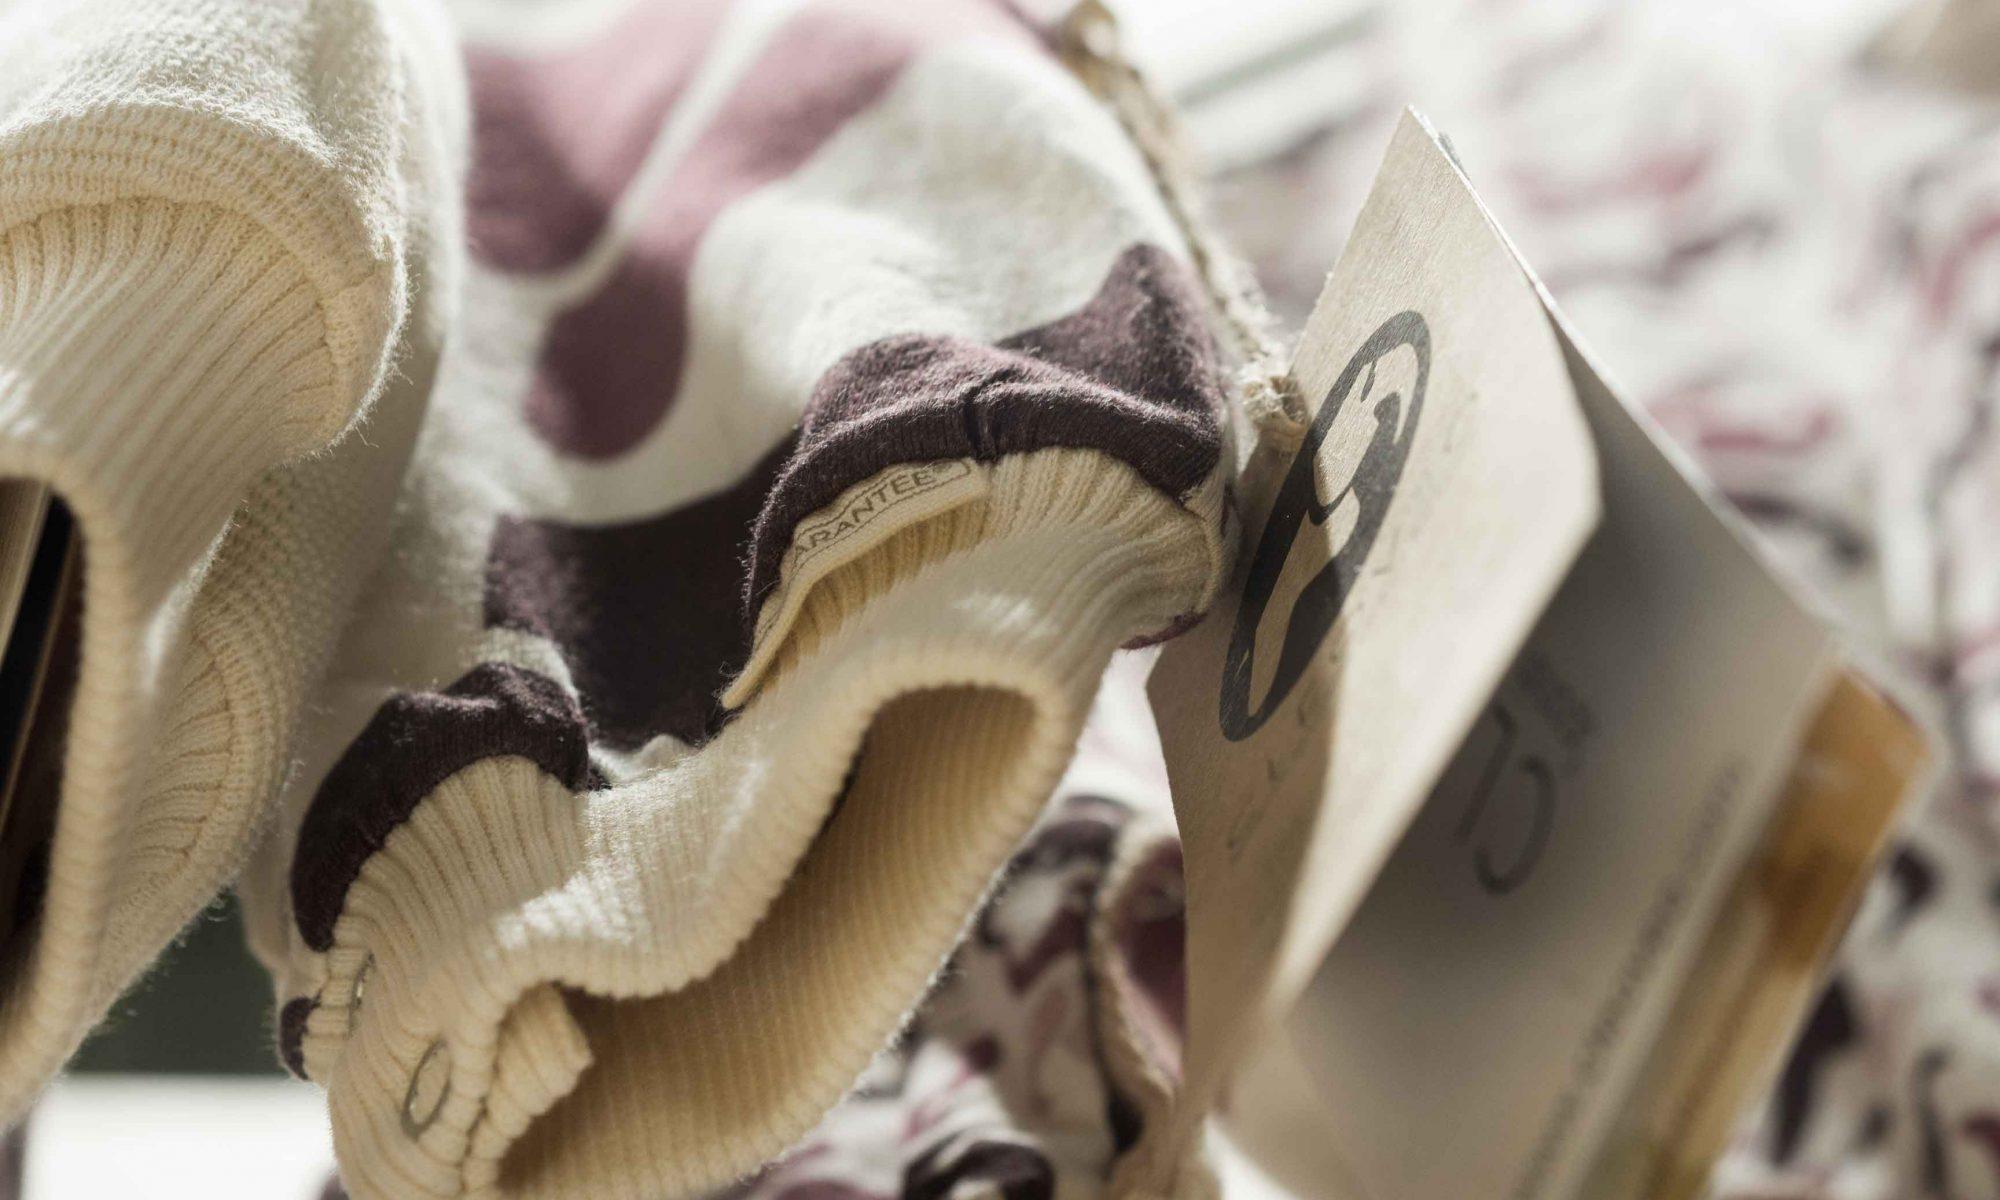 Cleoveo en MOMAD con AMSE moda sostenible